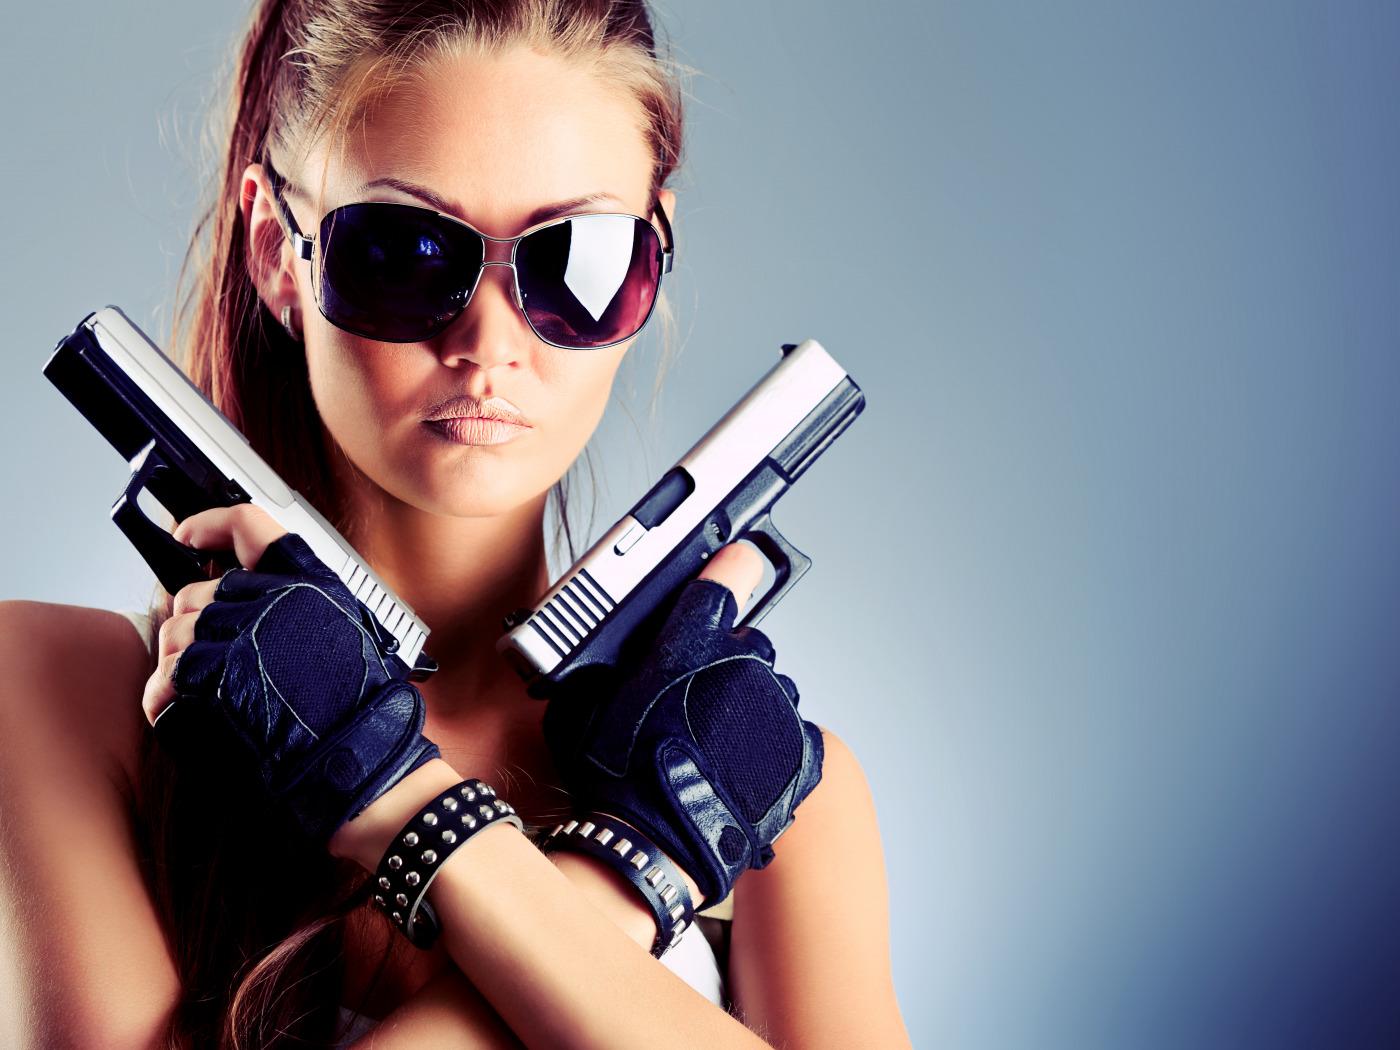 Крутые девушки с оружием картинки